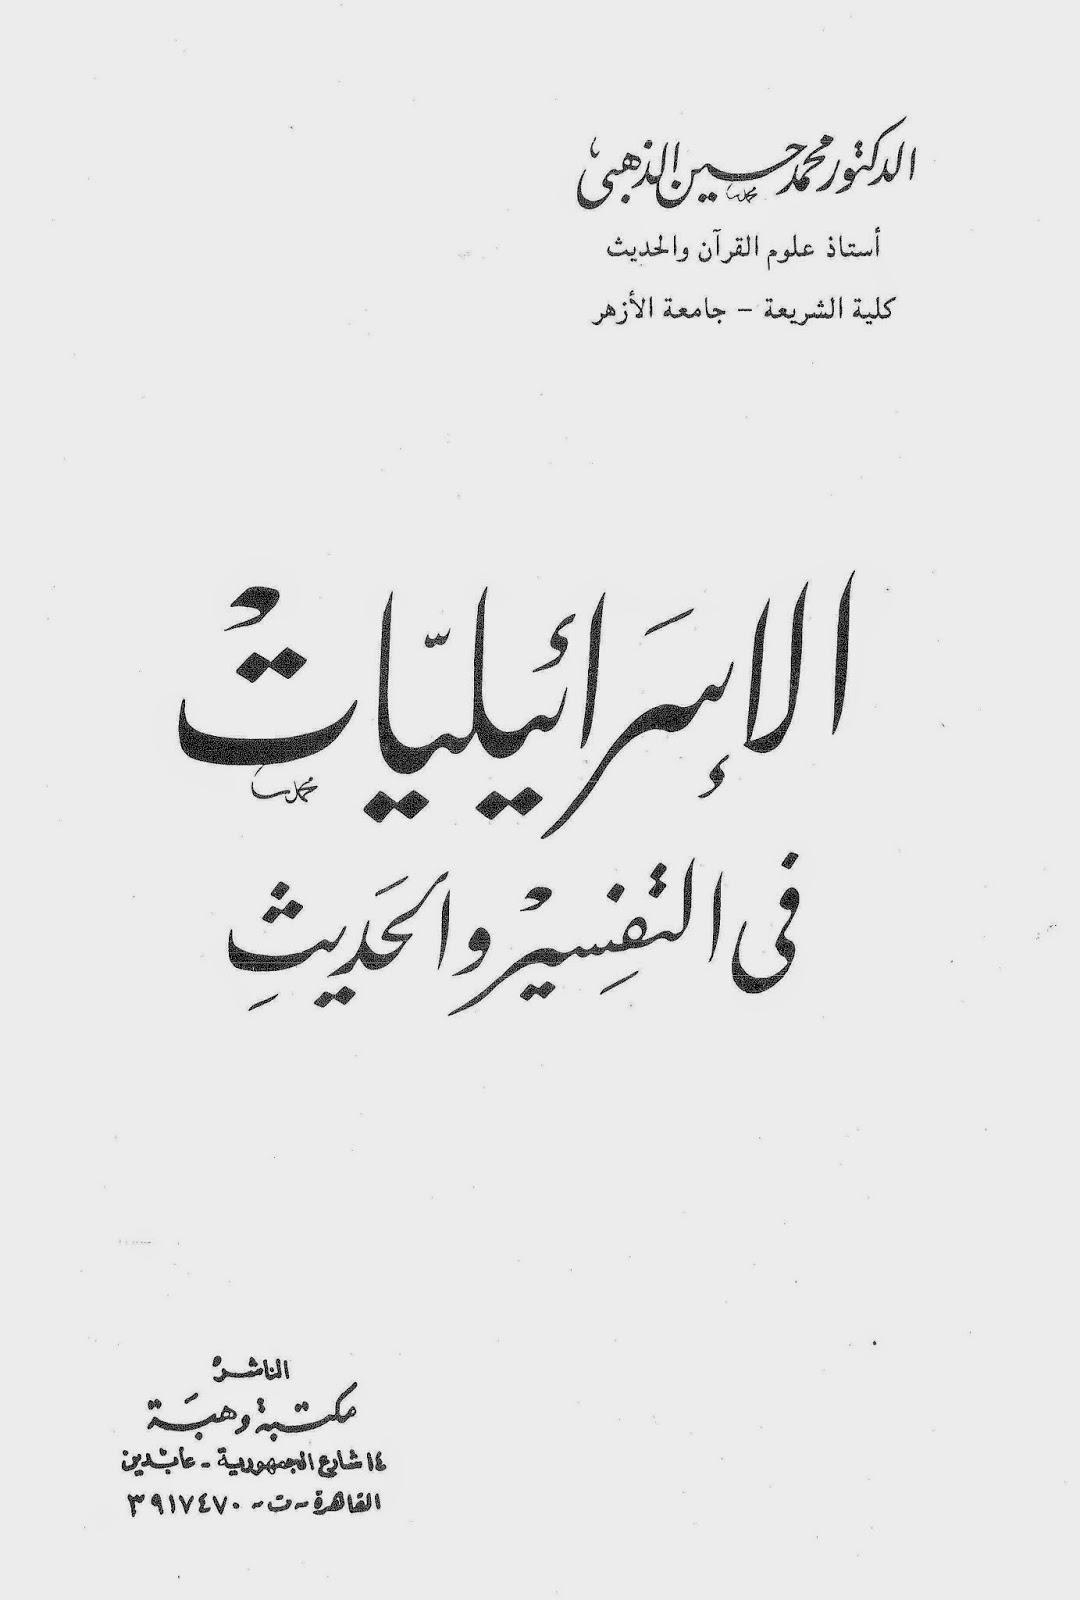 الاسرائيليات فى التفسير والحديث - محمد حسين الذهبي pdf